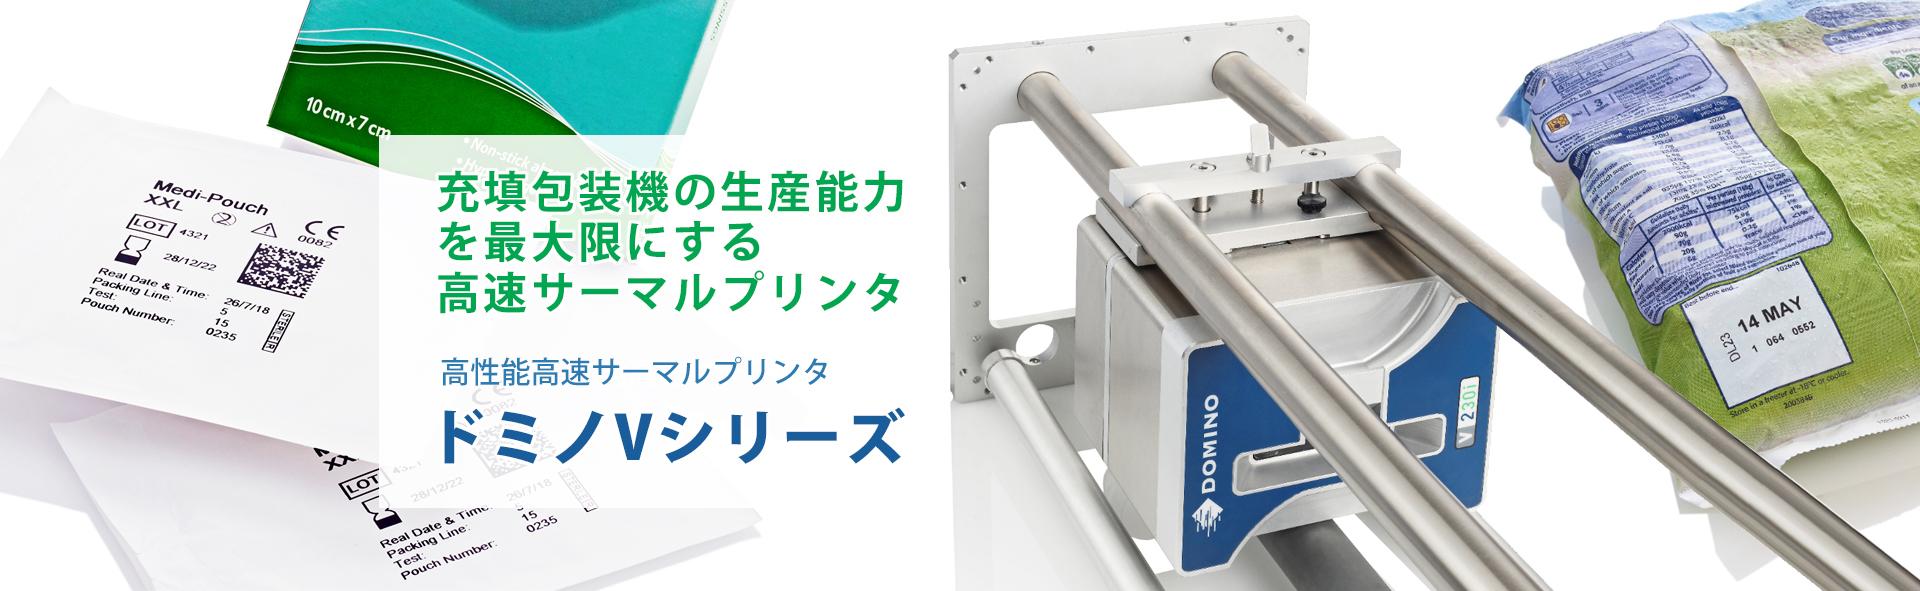 産業用サーマルプリンタ ドミノVシリーズ 製品紹介